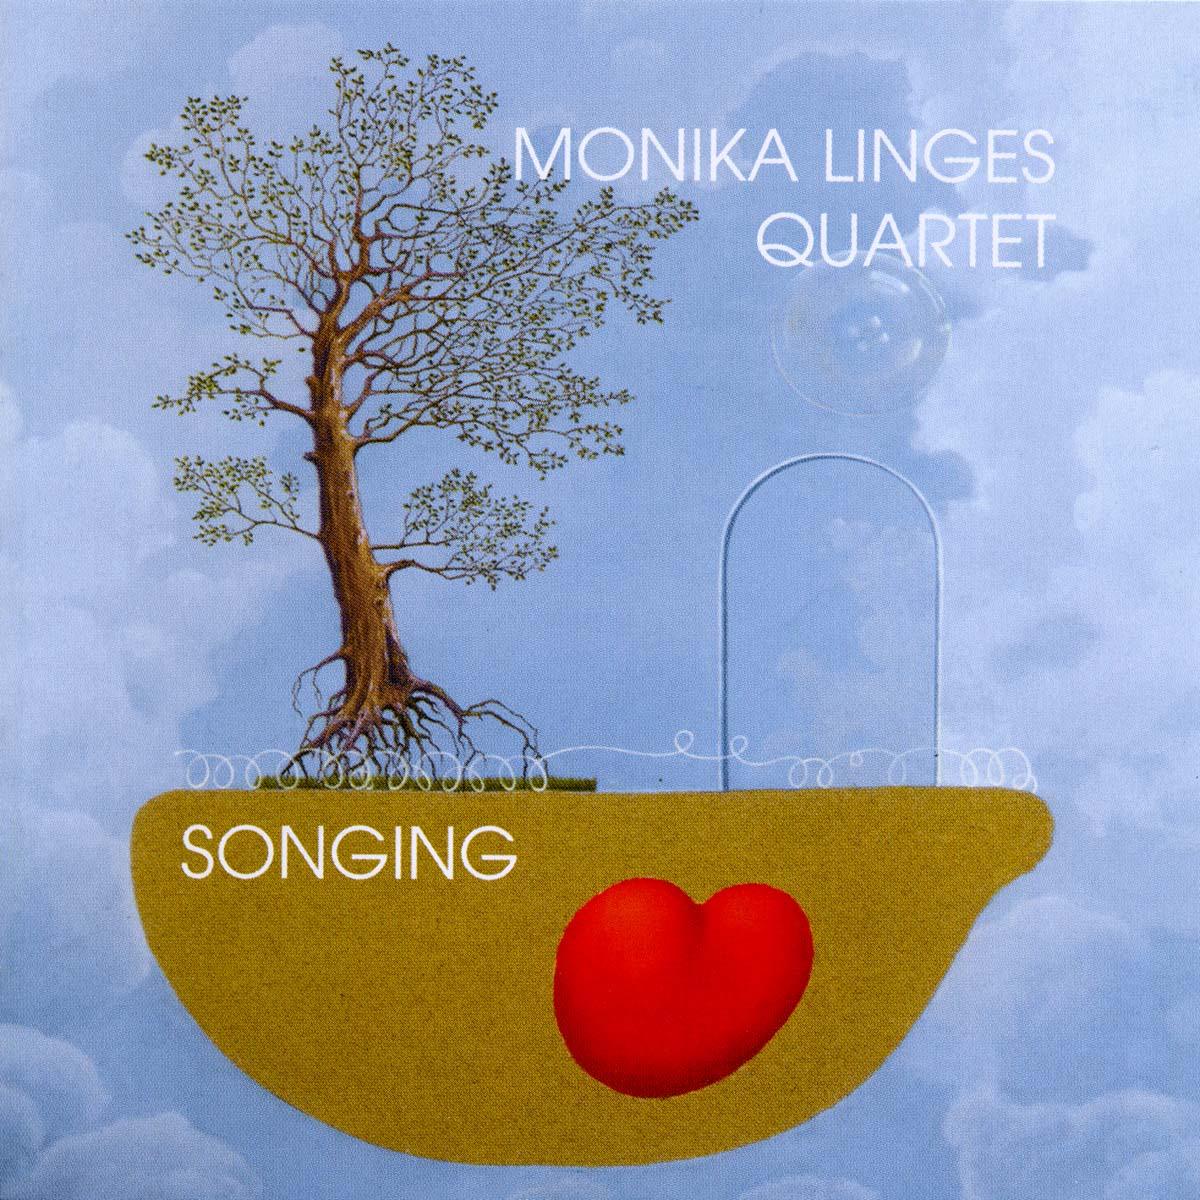 Monika Linges Quartet